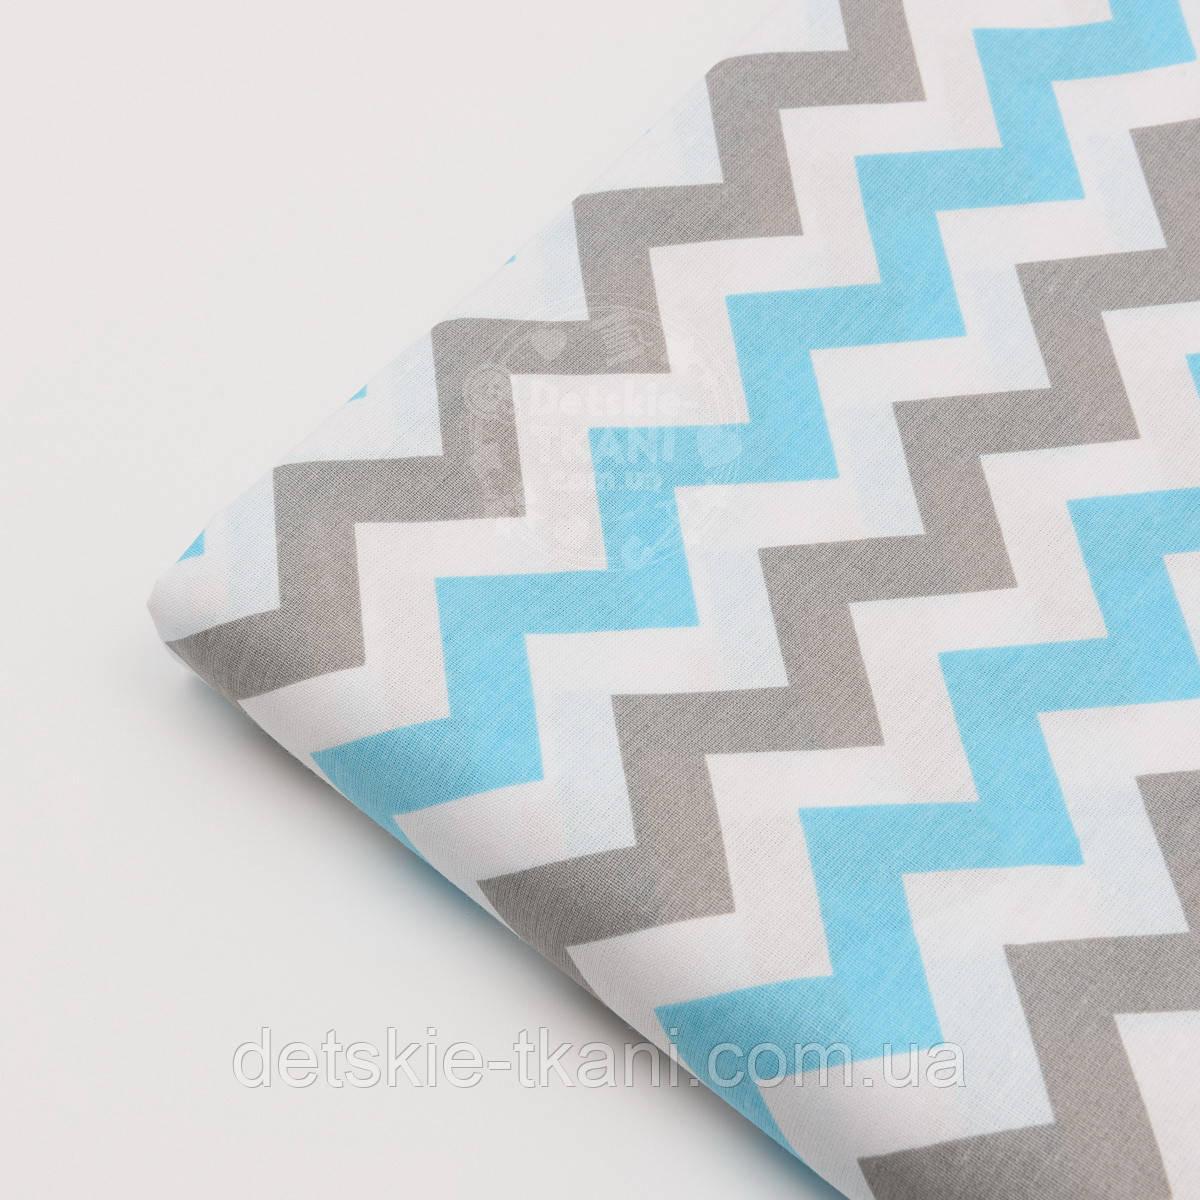 Отрез ткани 1004 с бирюзовым и серым зигзагом, размер 48*160